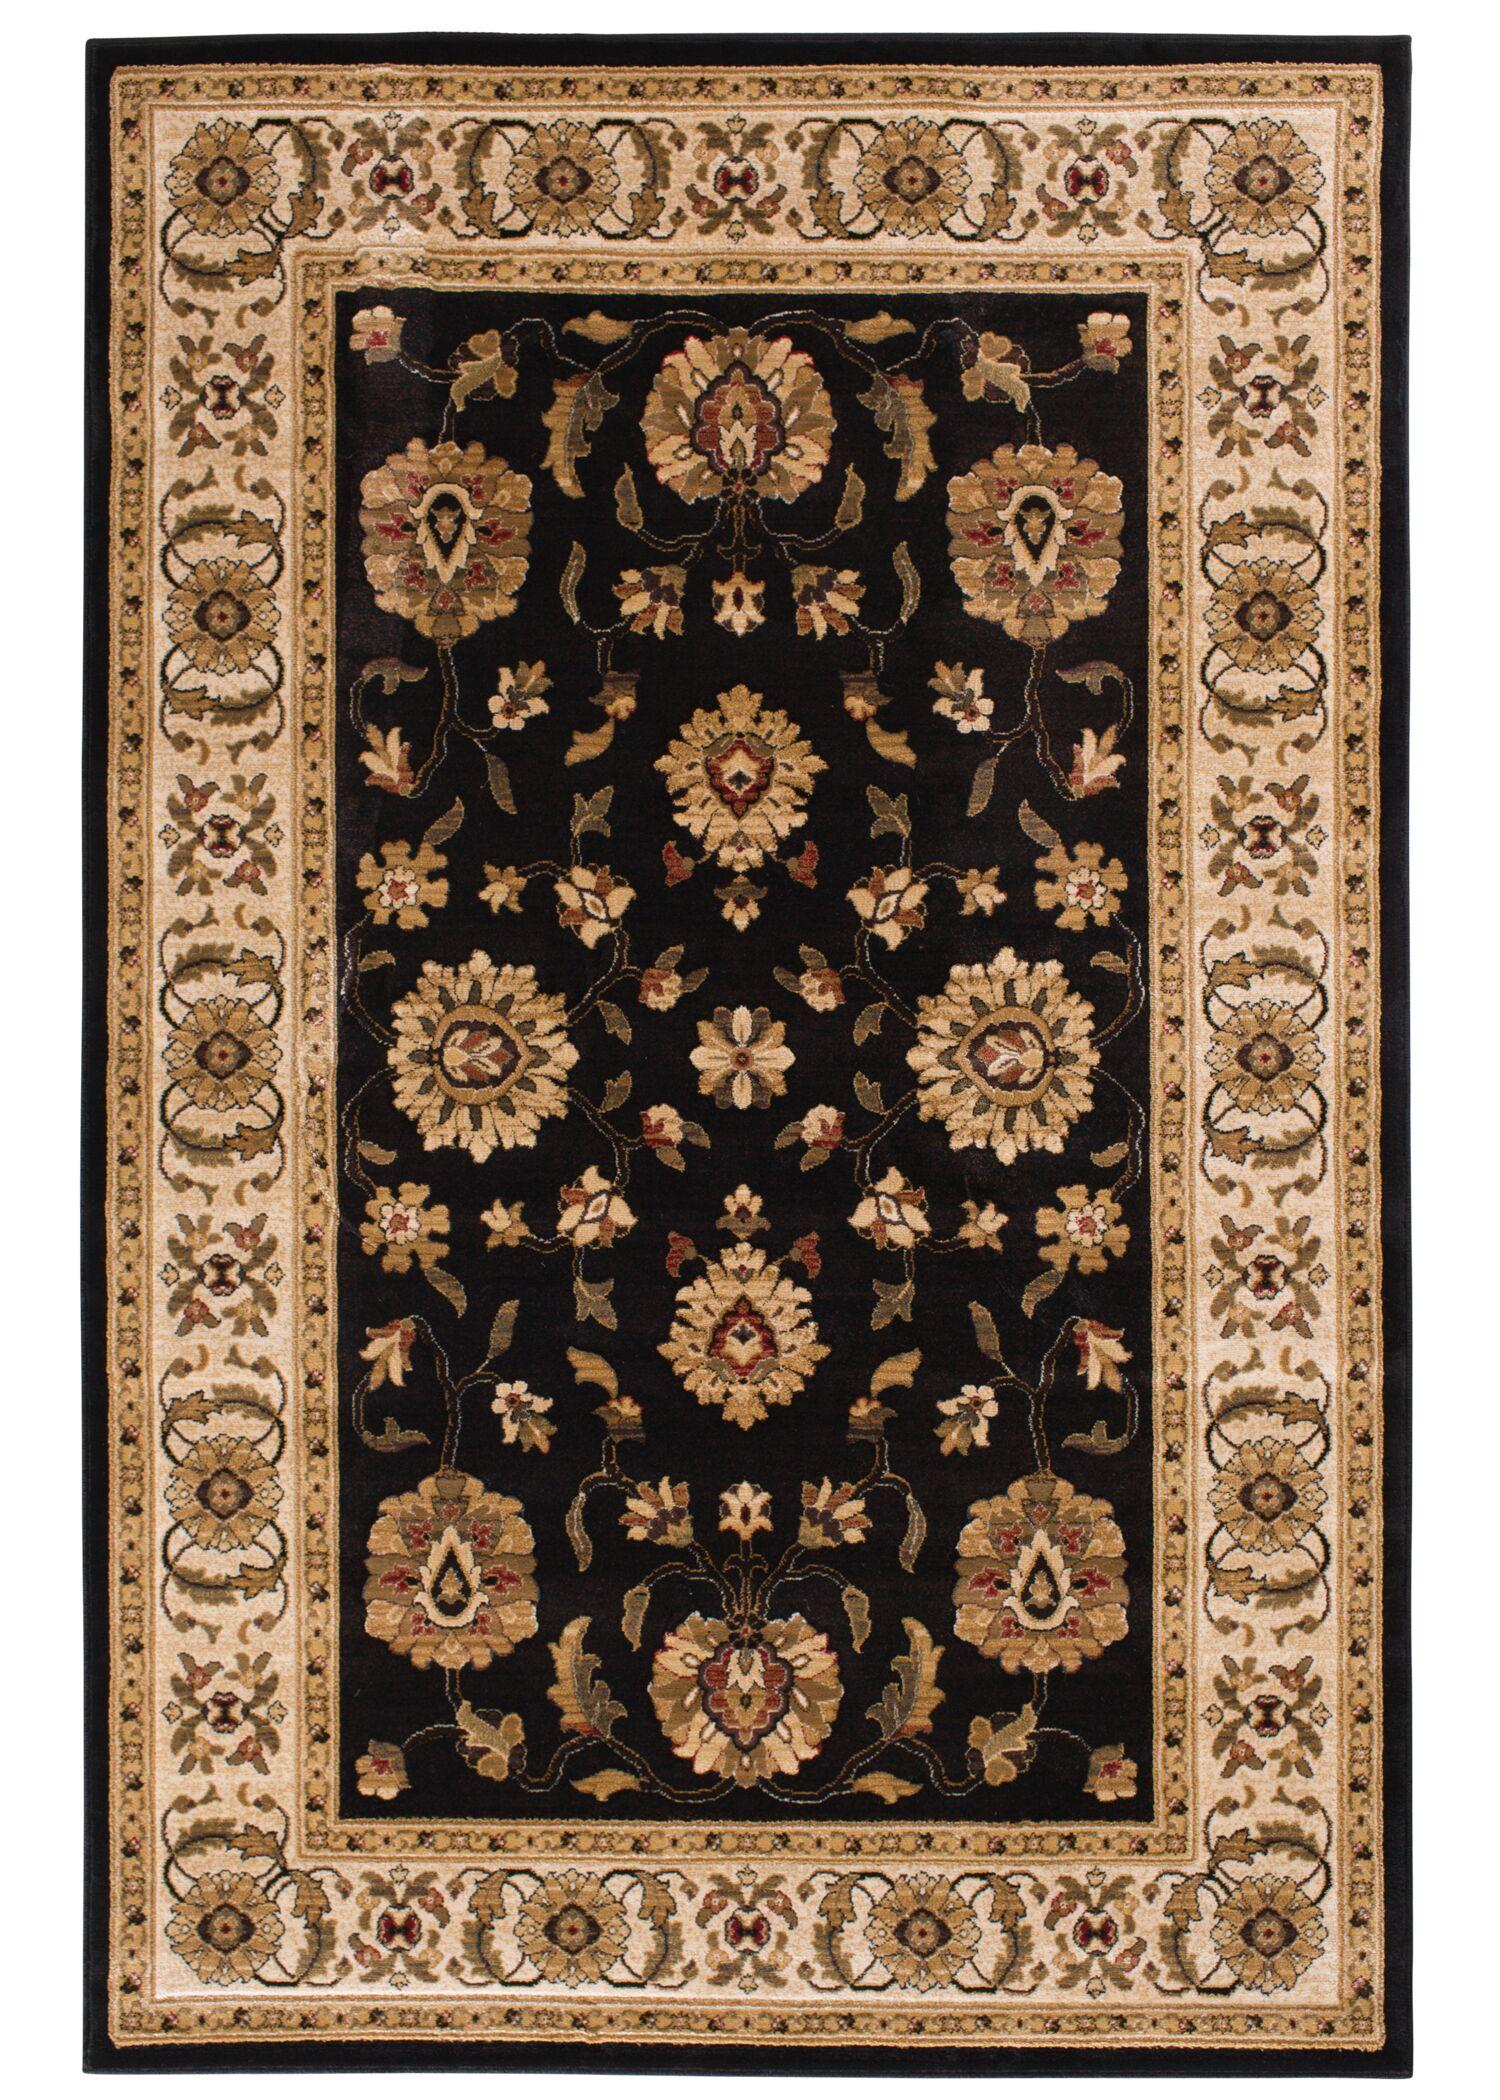 Clarkson Black/Wheat Area Rug Rug Size: 5' x 7'6